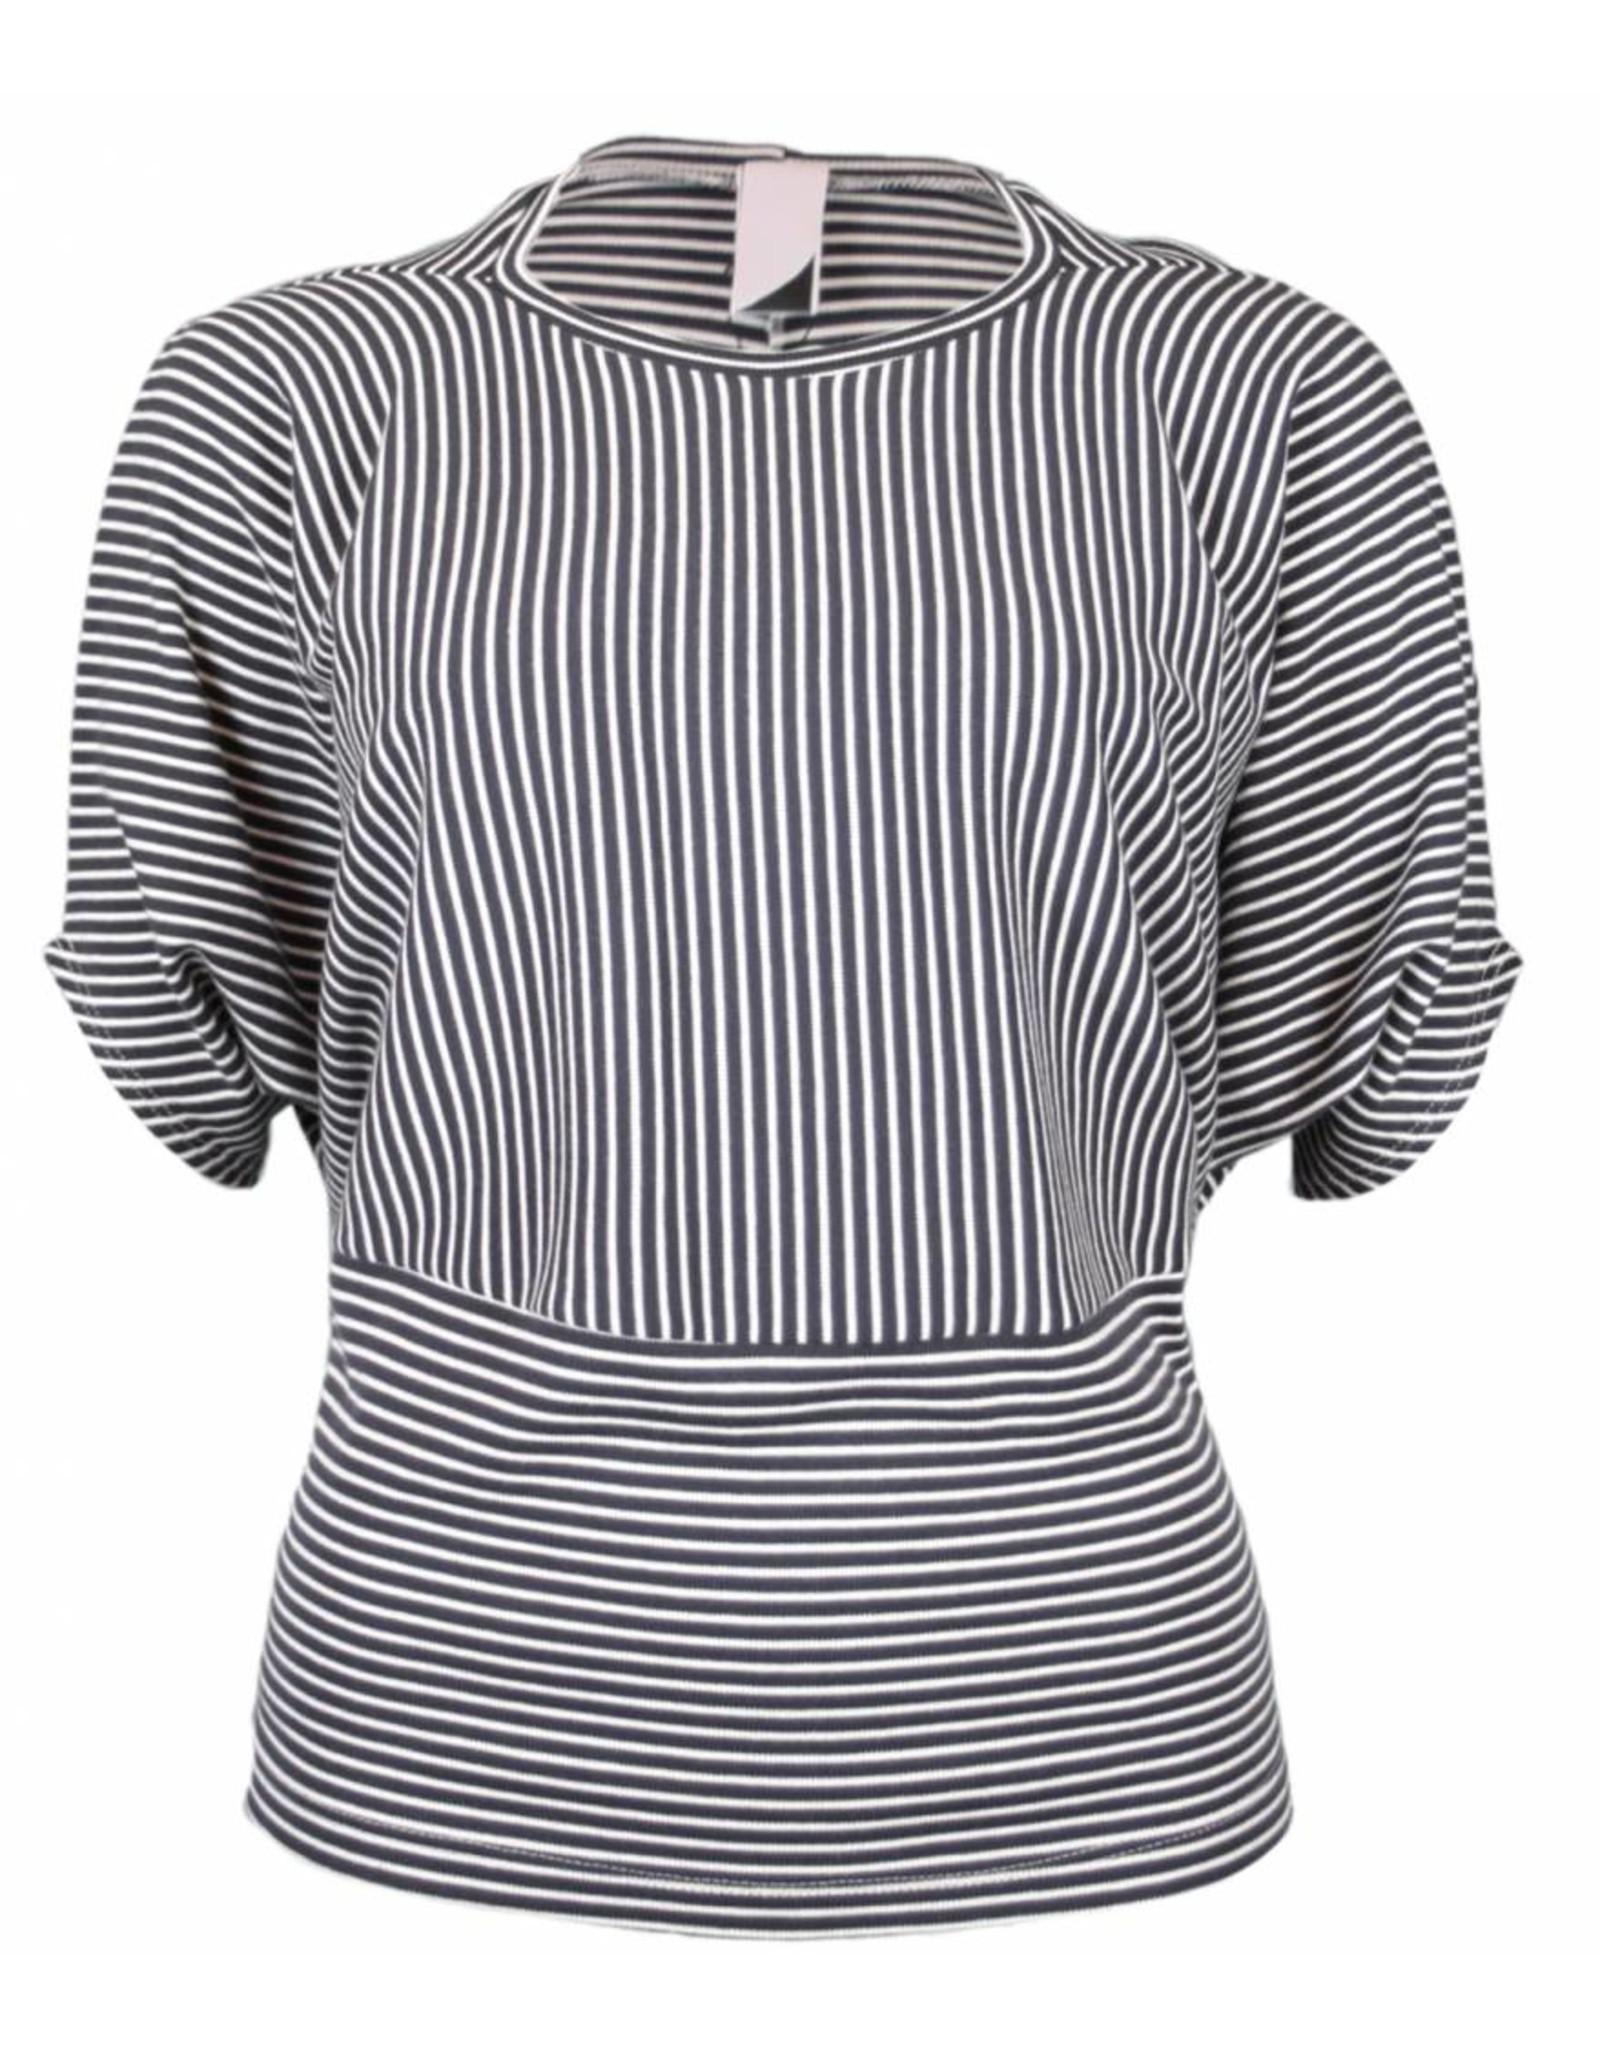 format MIND shirt